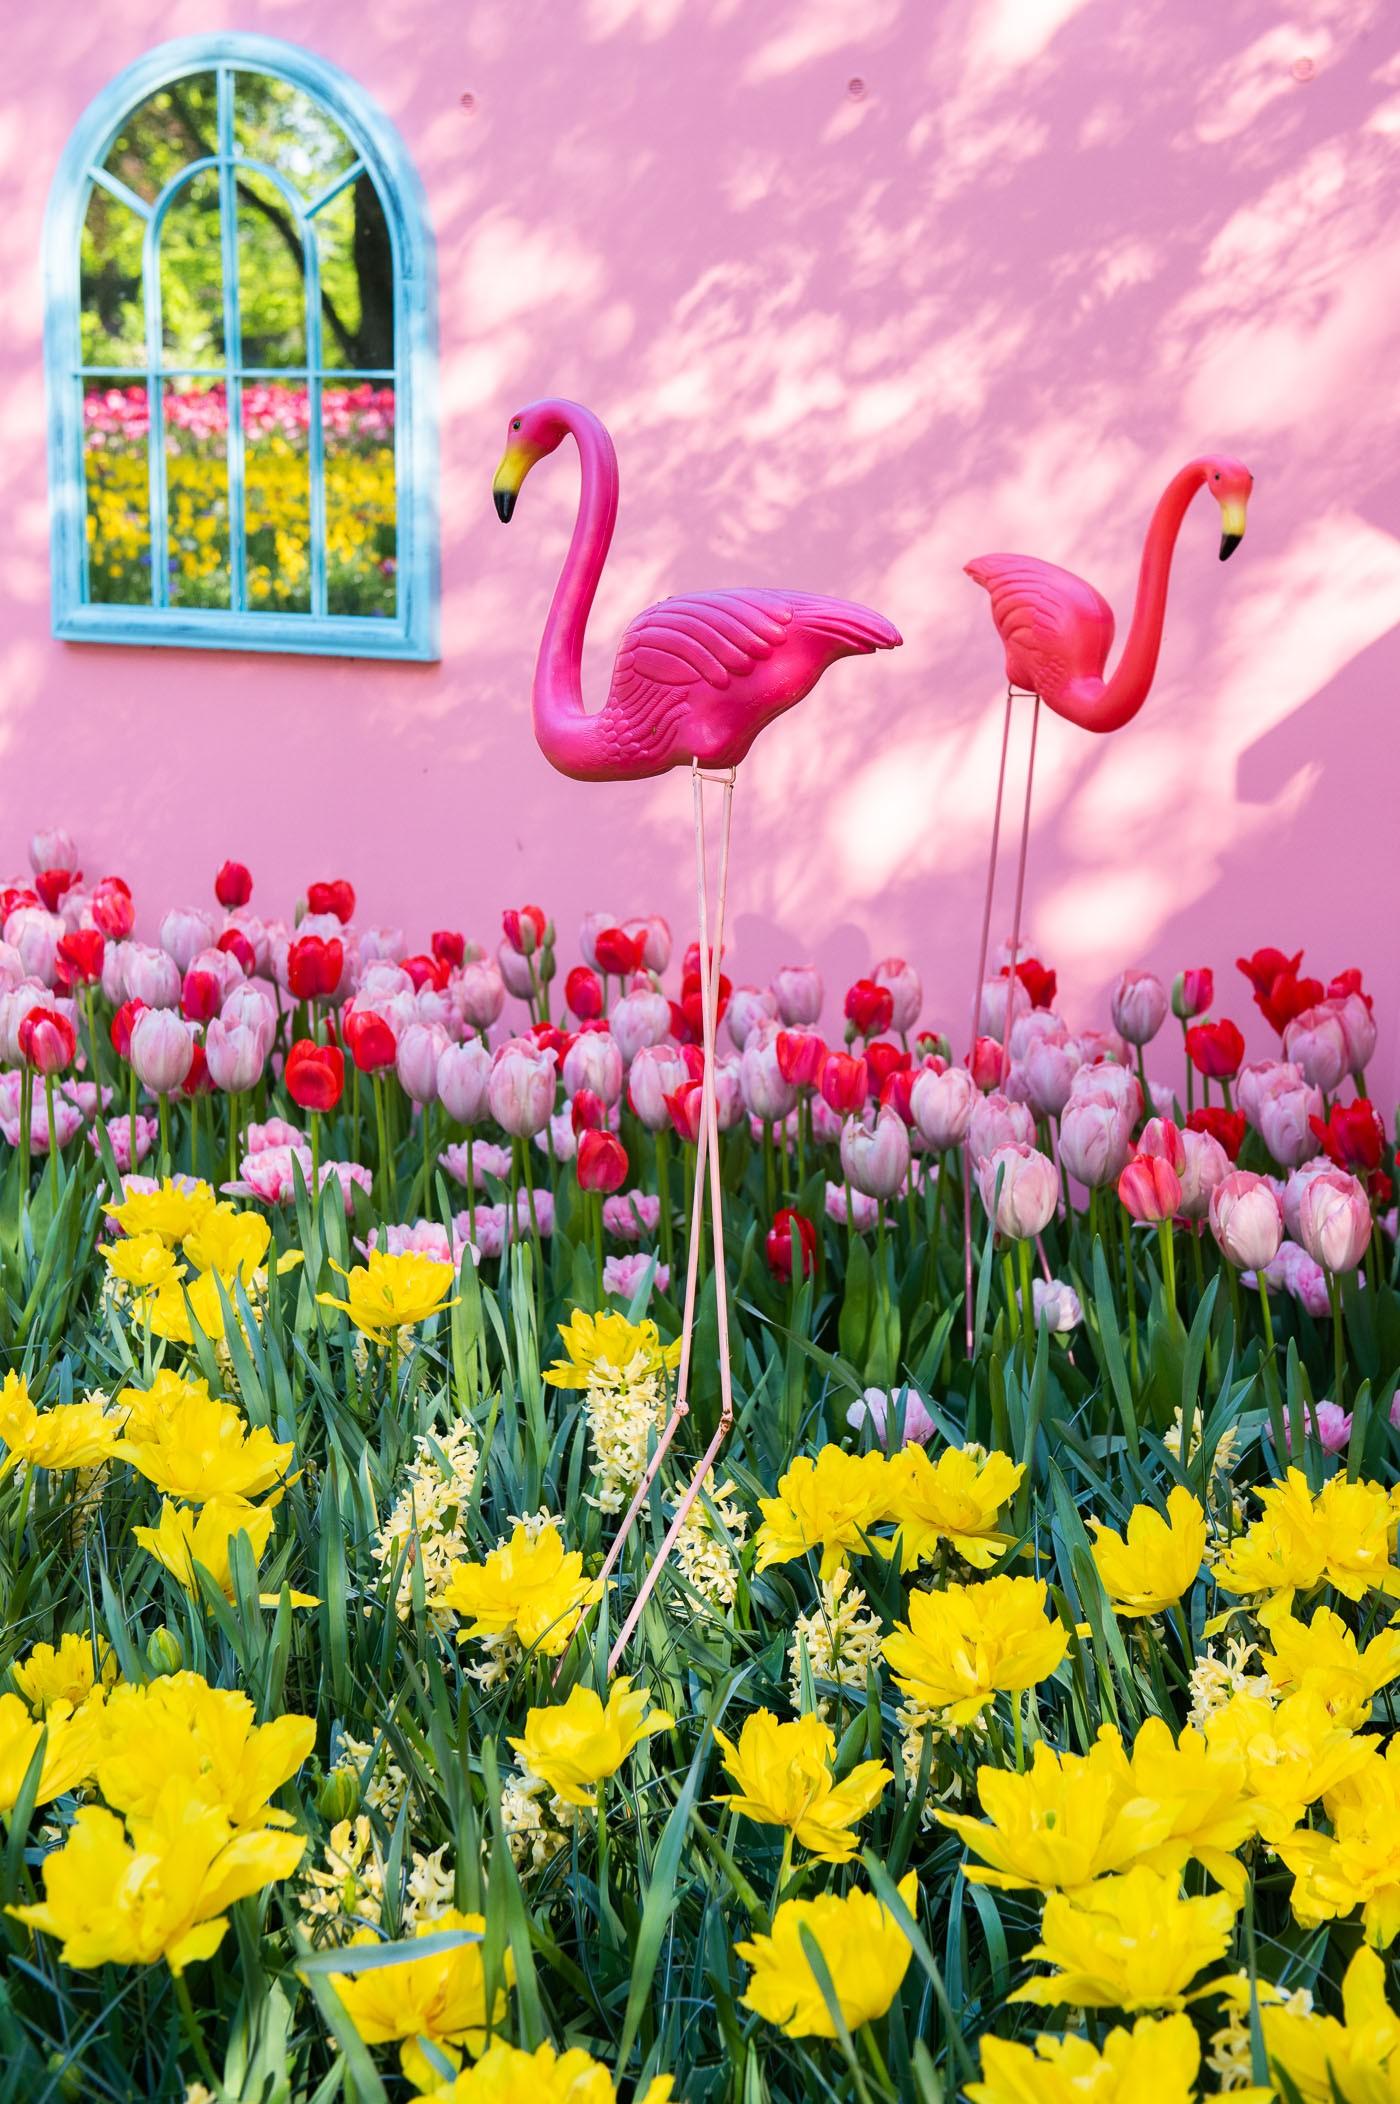 Grappige opstelling van bloemen en flamingo's in de keukenhof van 2018